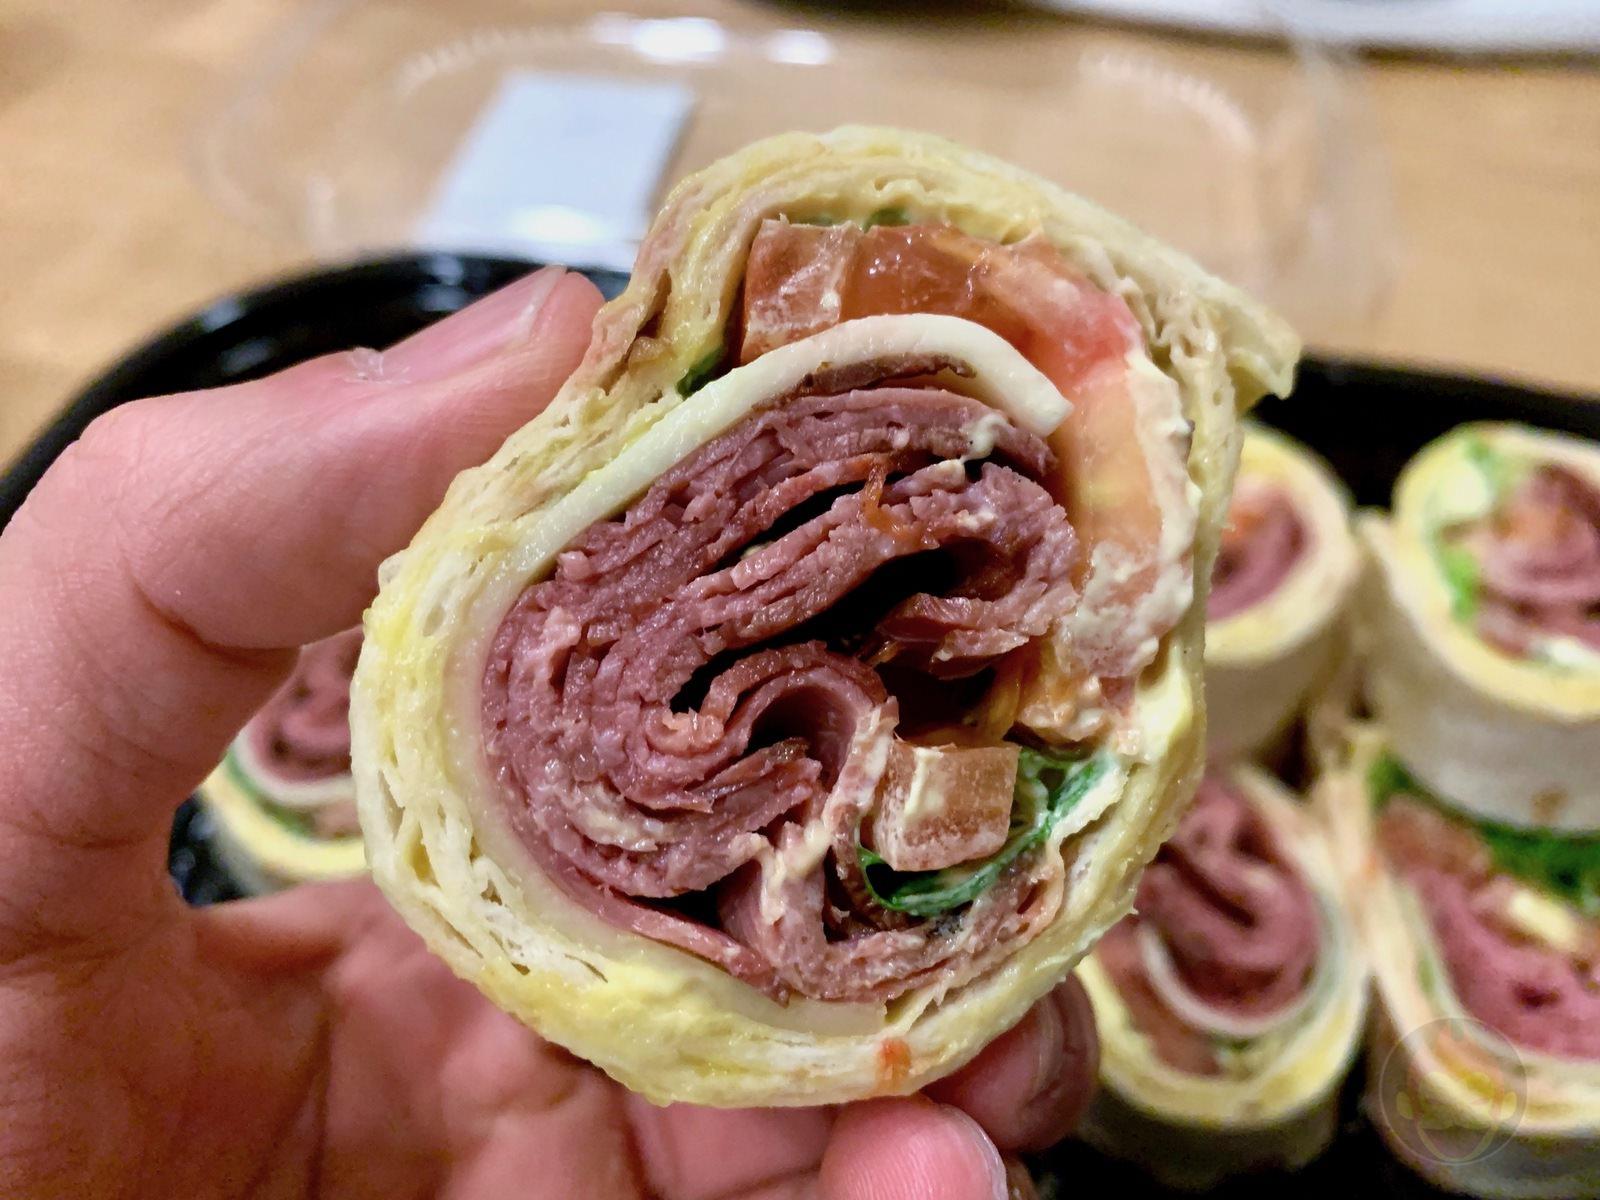 Costco-High-Roller-Roast-Beef-01.jpg